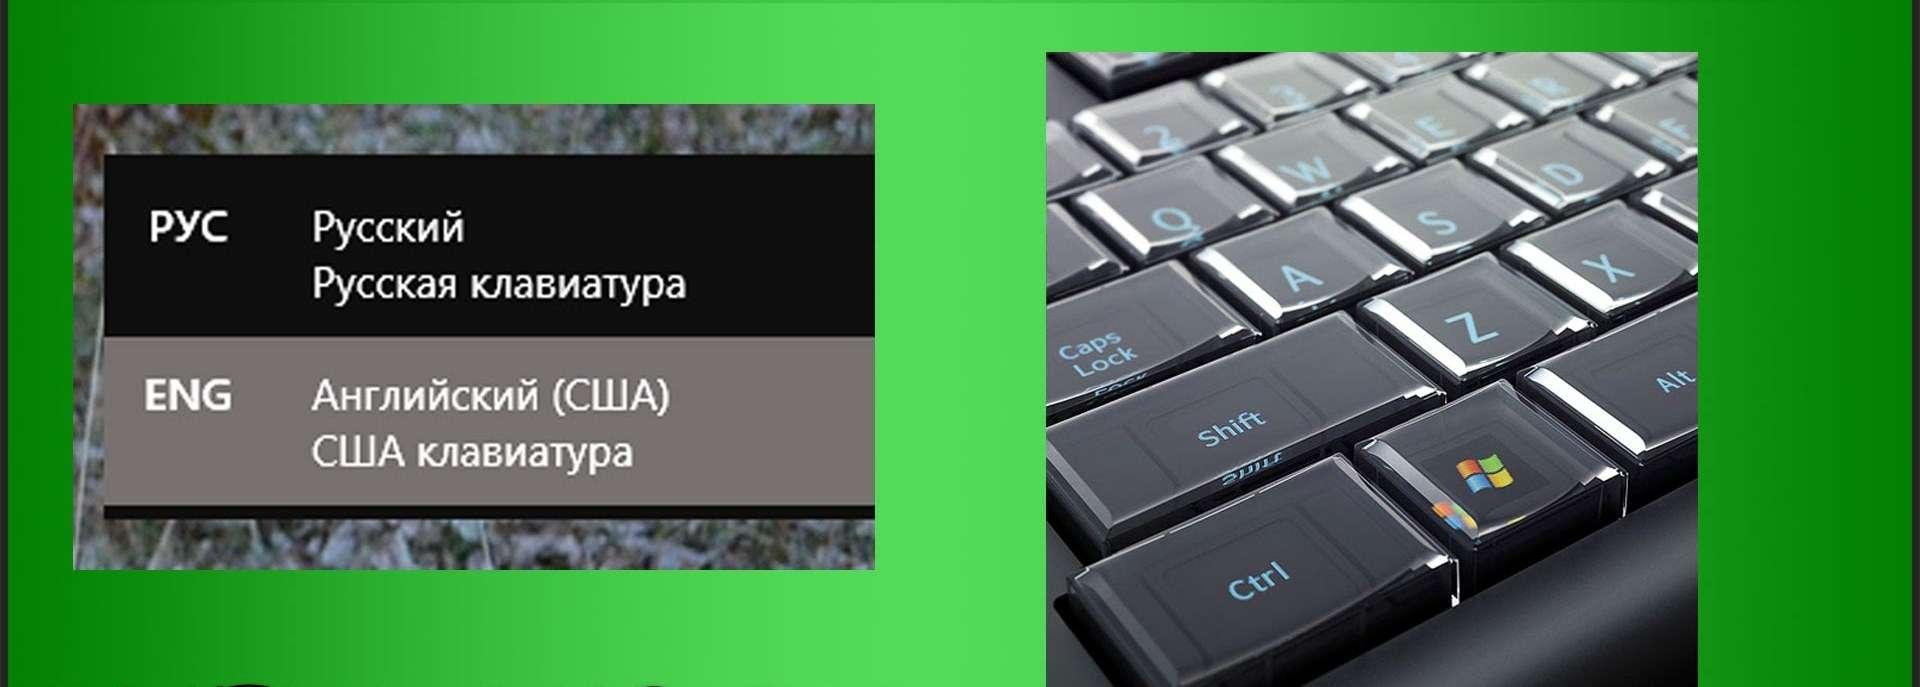 Зміна розкладки клавіатури в Windows 10: Інструкція